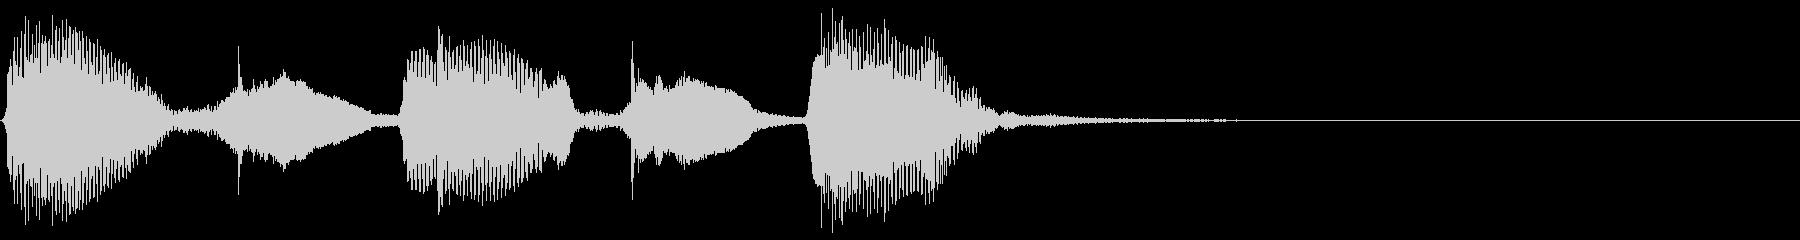 コミカル キッズ ジングルの未再生の波形